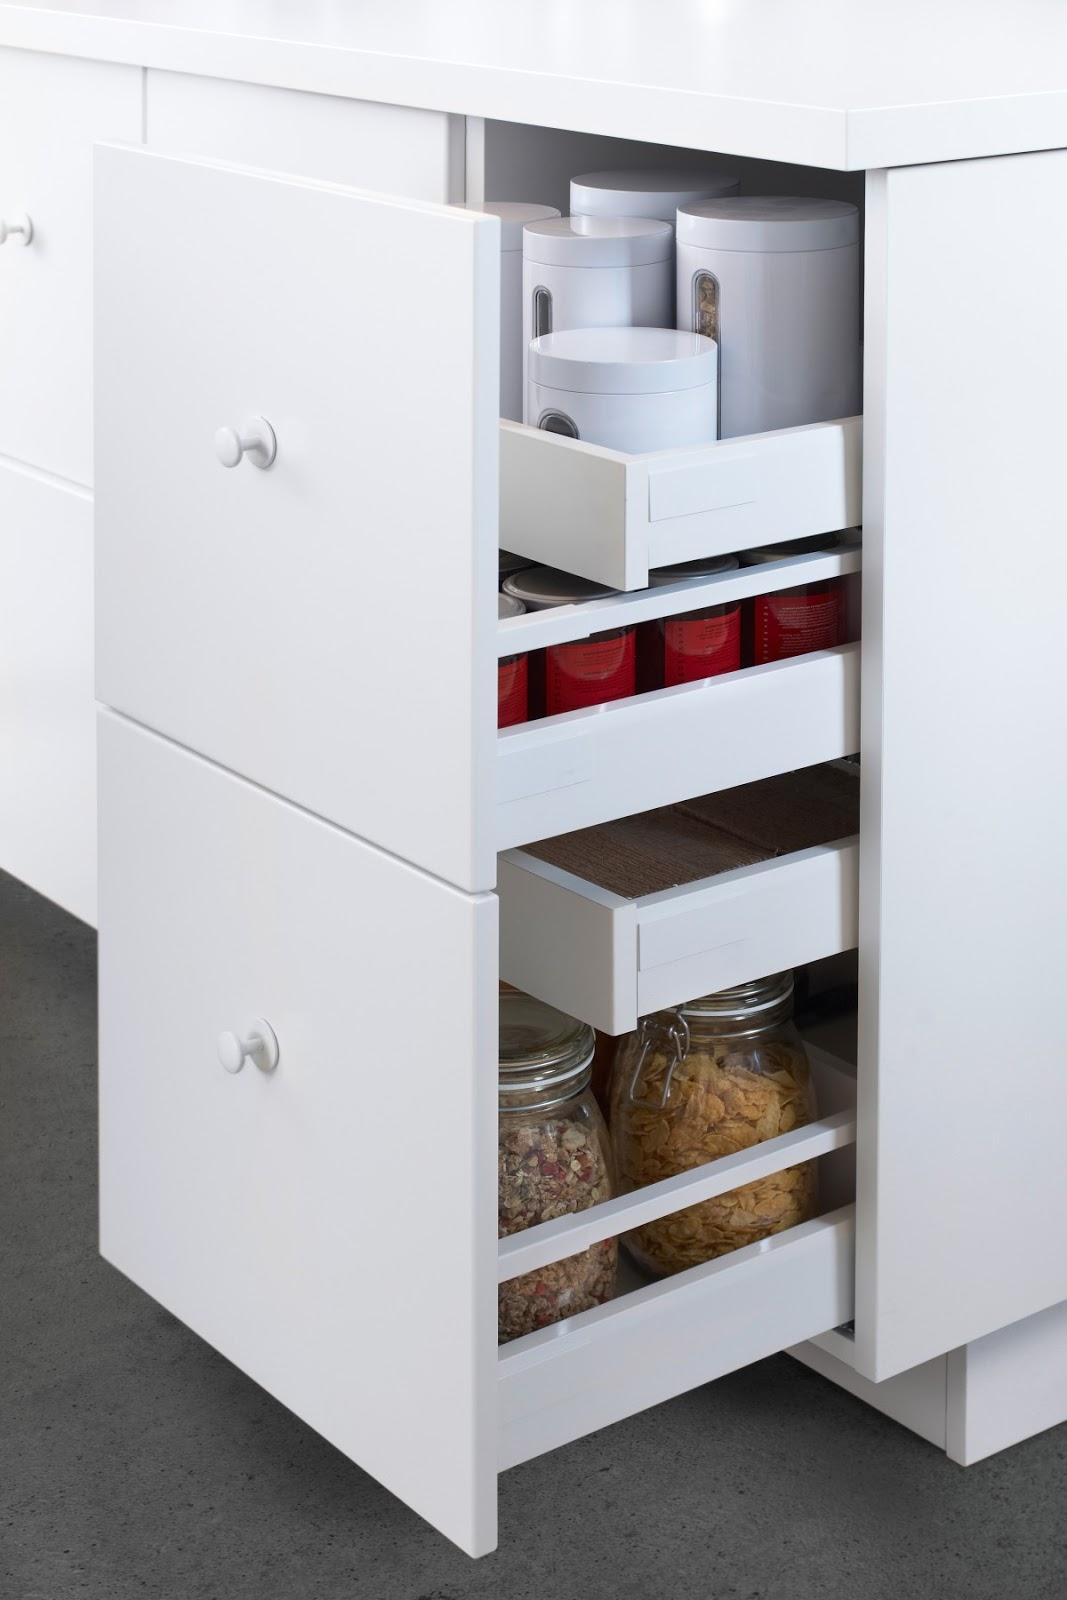 Ikea kjøkken skuffer – materialvalg for baderomsmøbler